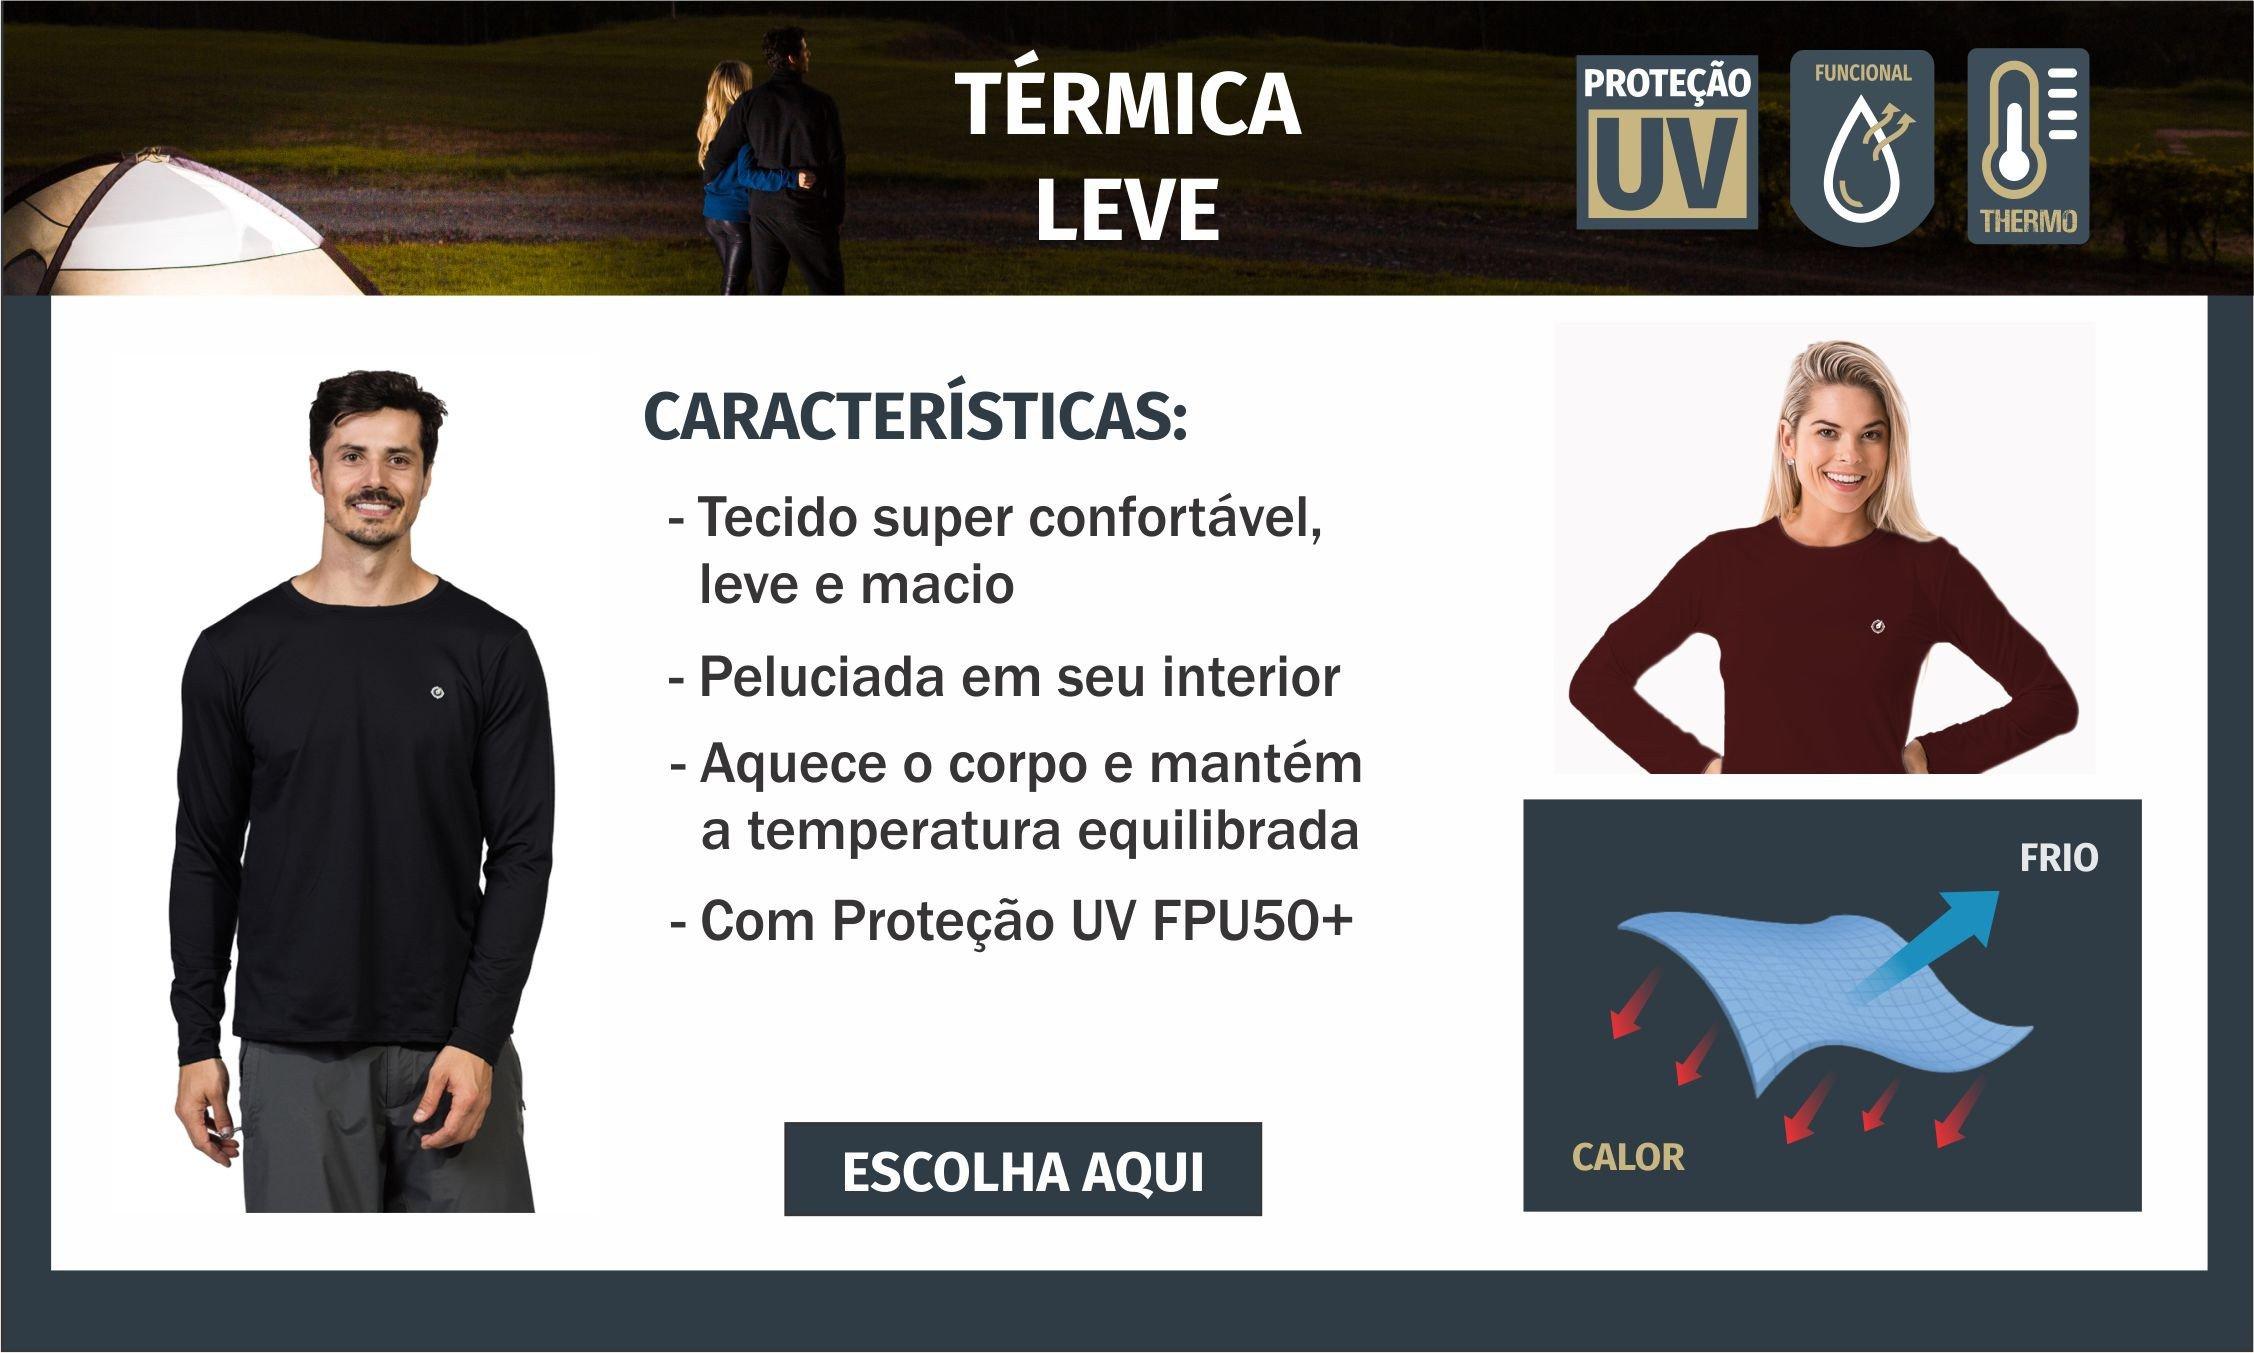 banners paginas especiais termicas extreme uv 4